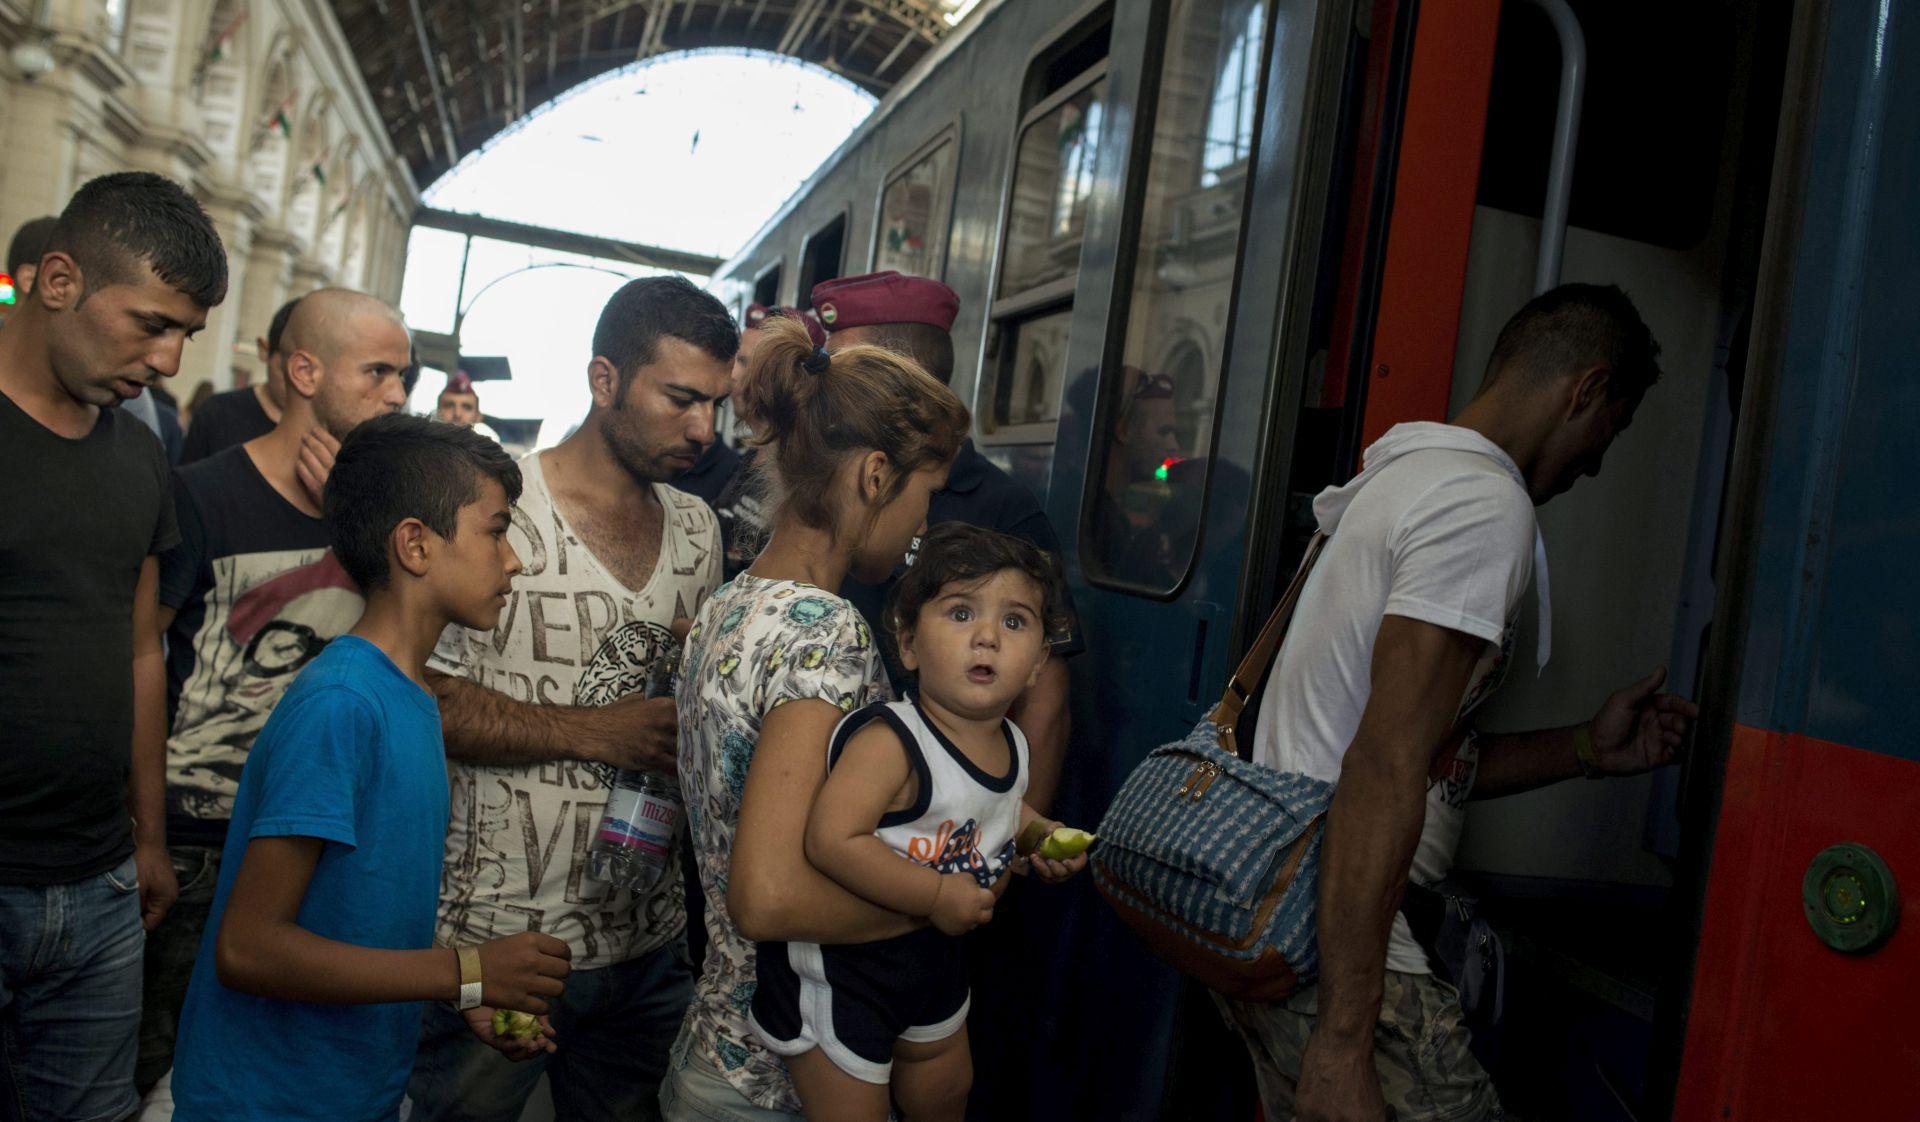 IZBJEGLIČKA KRIZA Budimpešta ponovno otvorila vrata željezničkog kolodvora